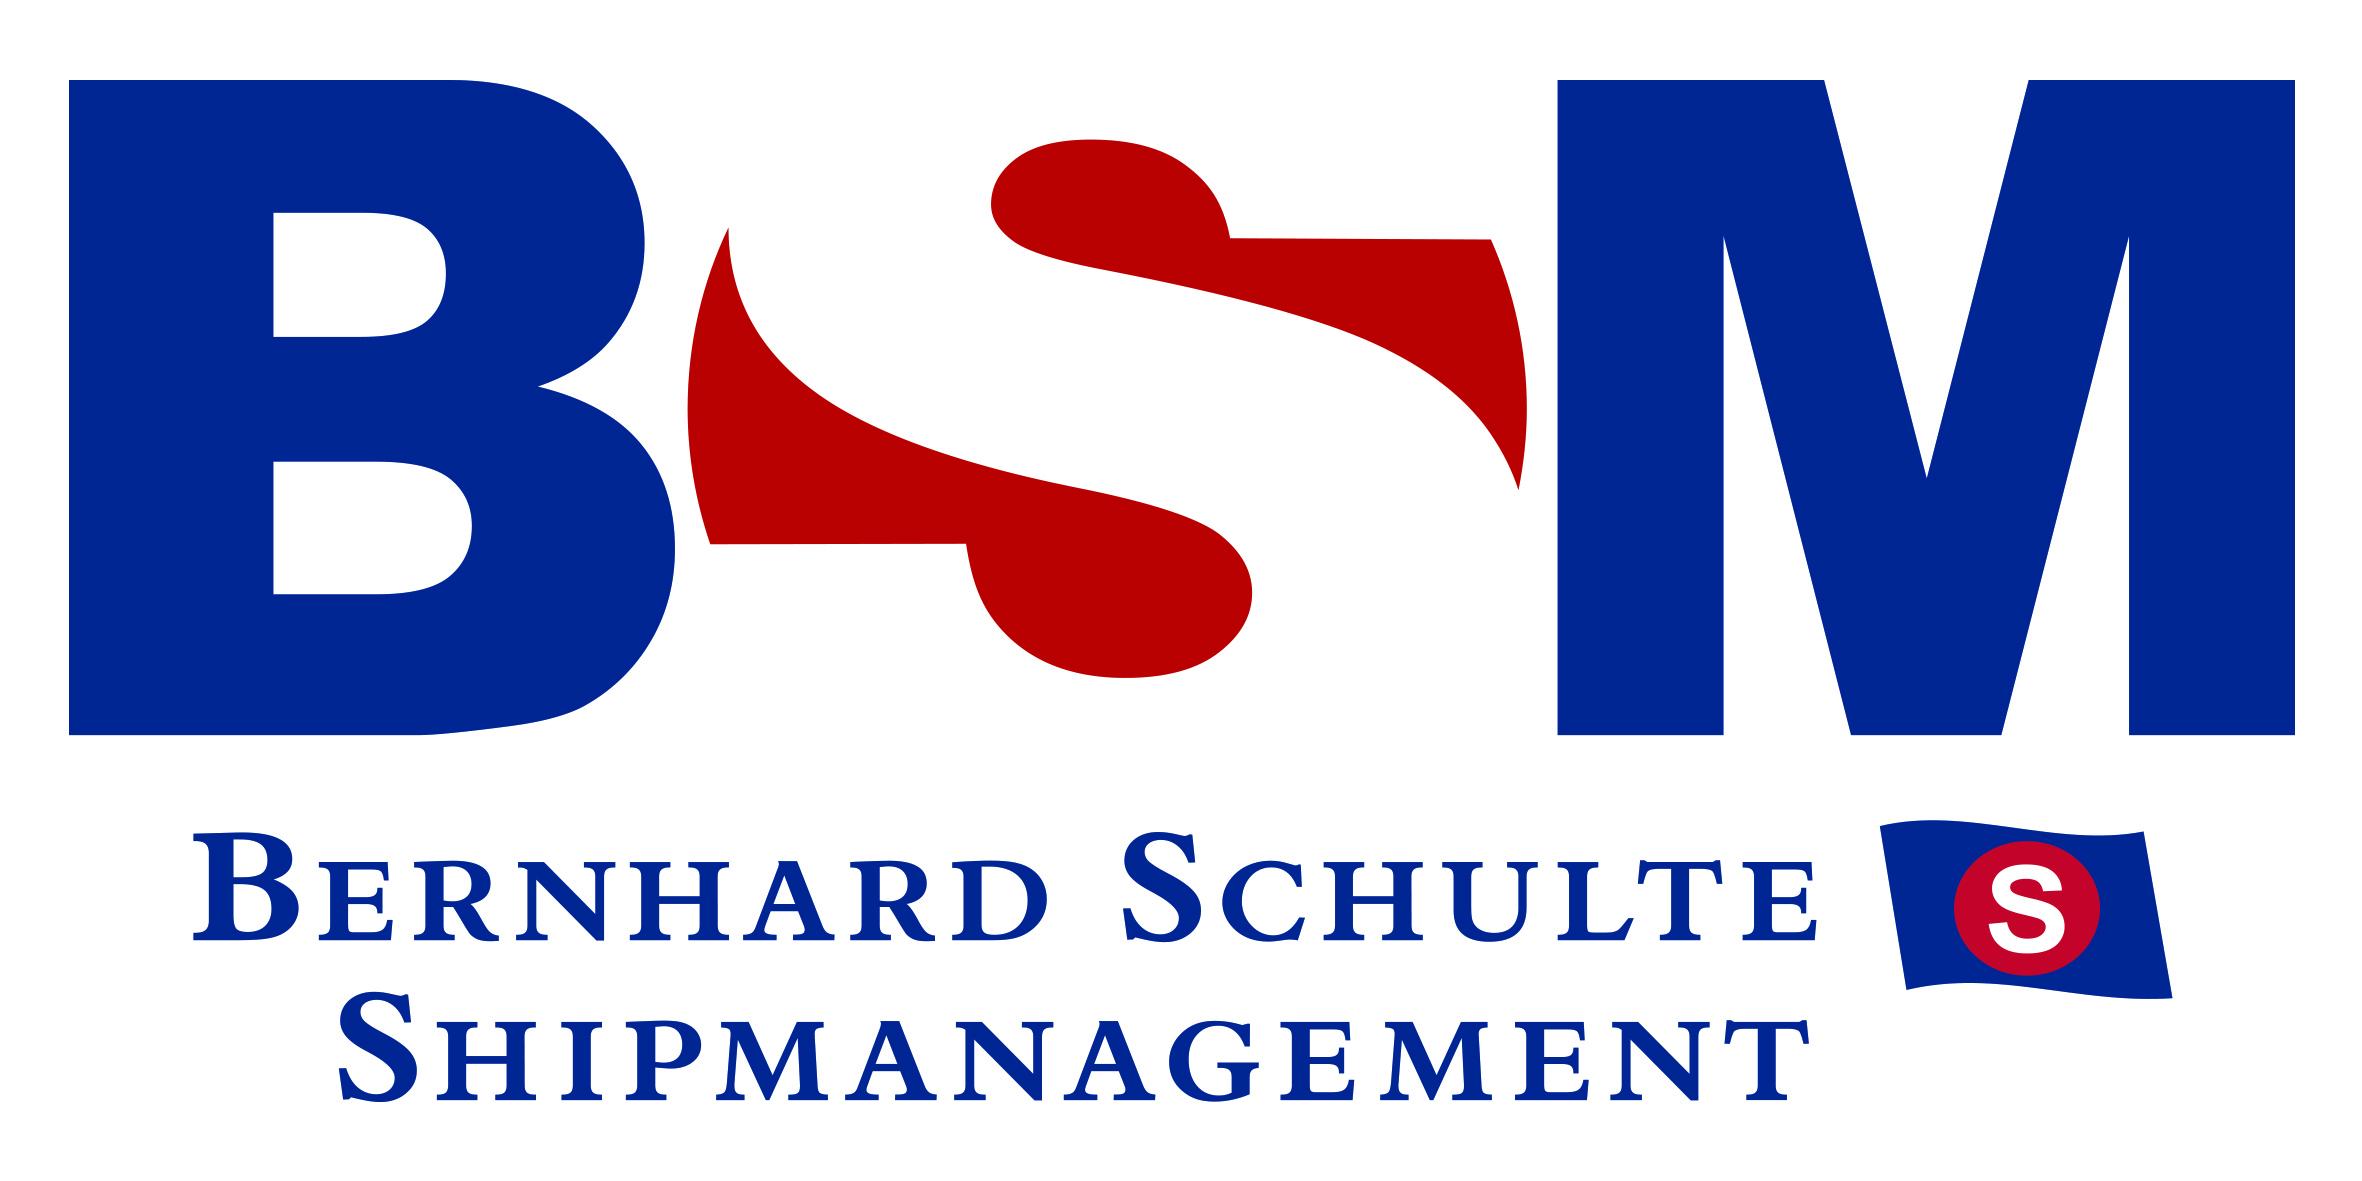 Bernard Schulte Shipmanagement